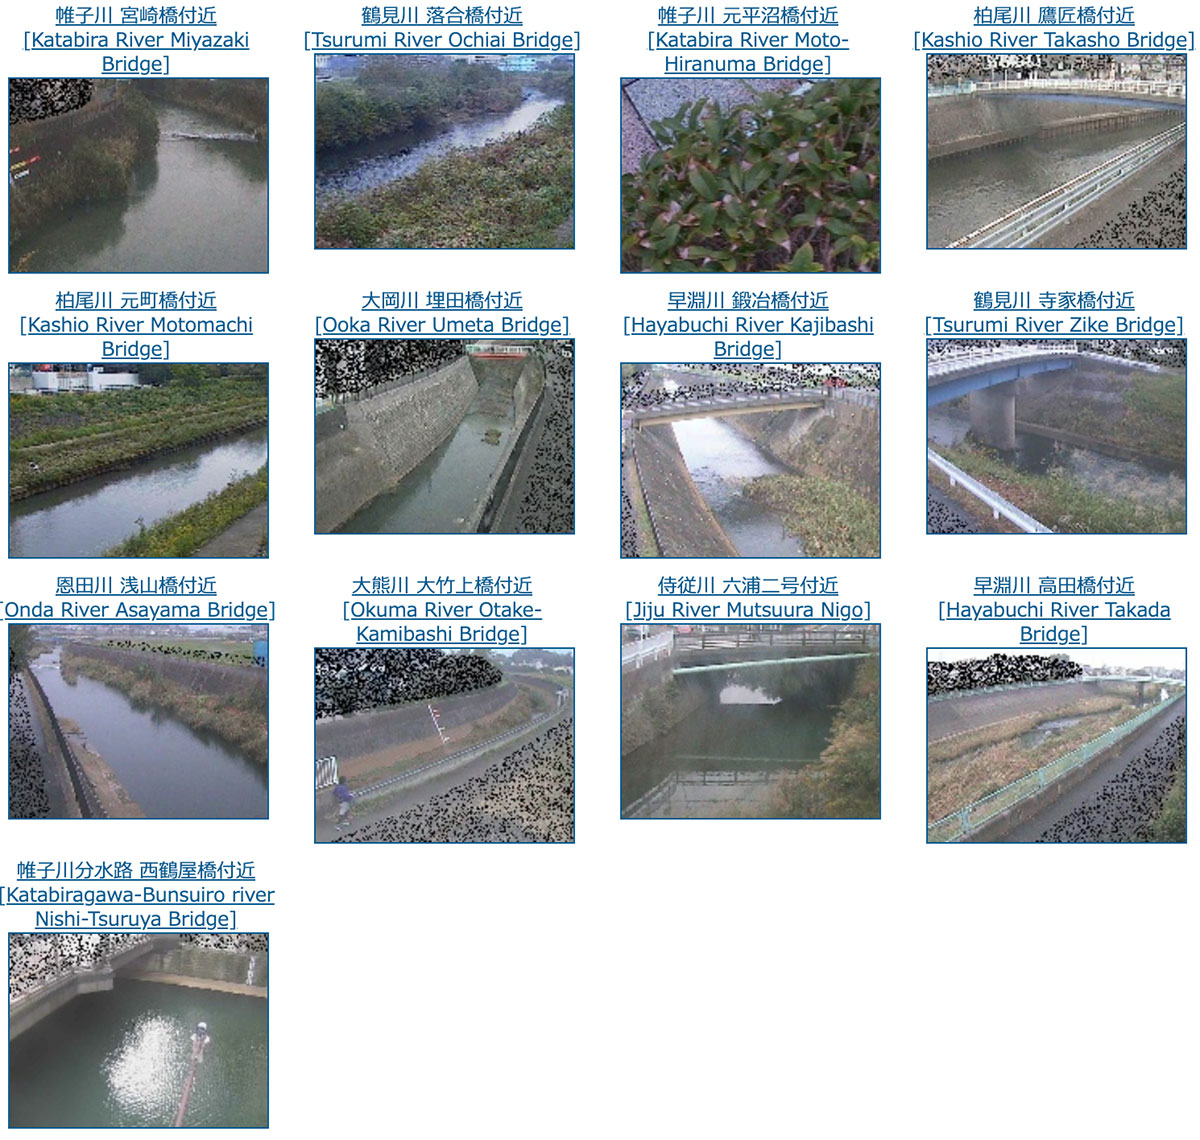 雨量水位情報